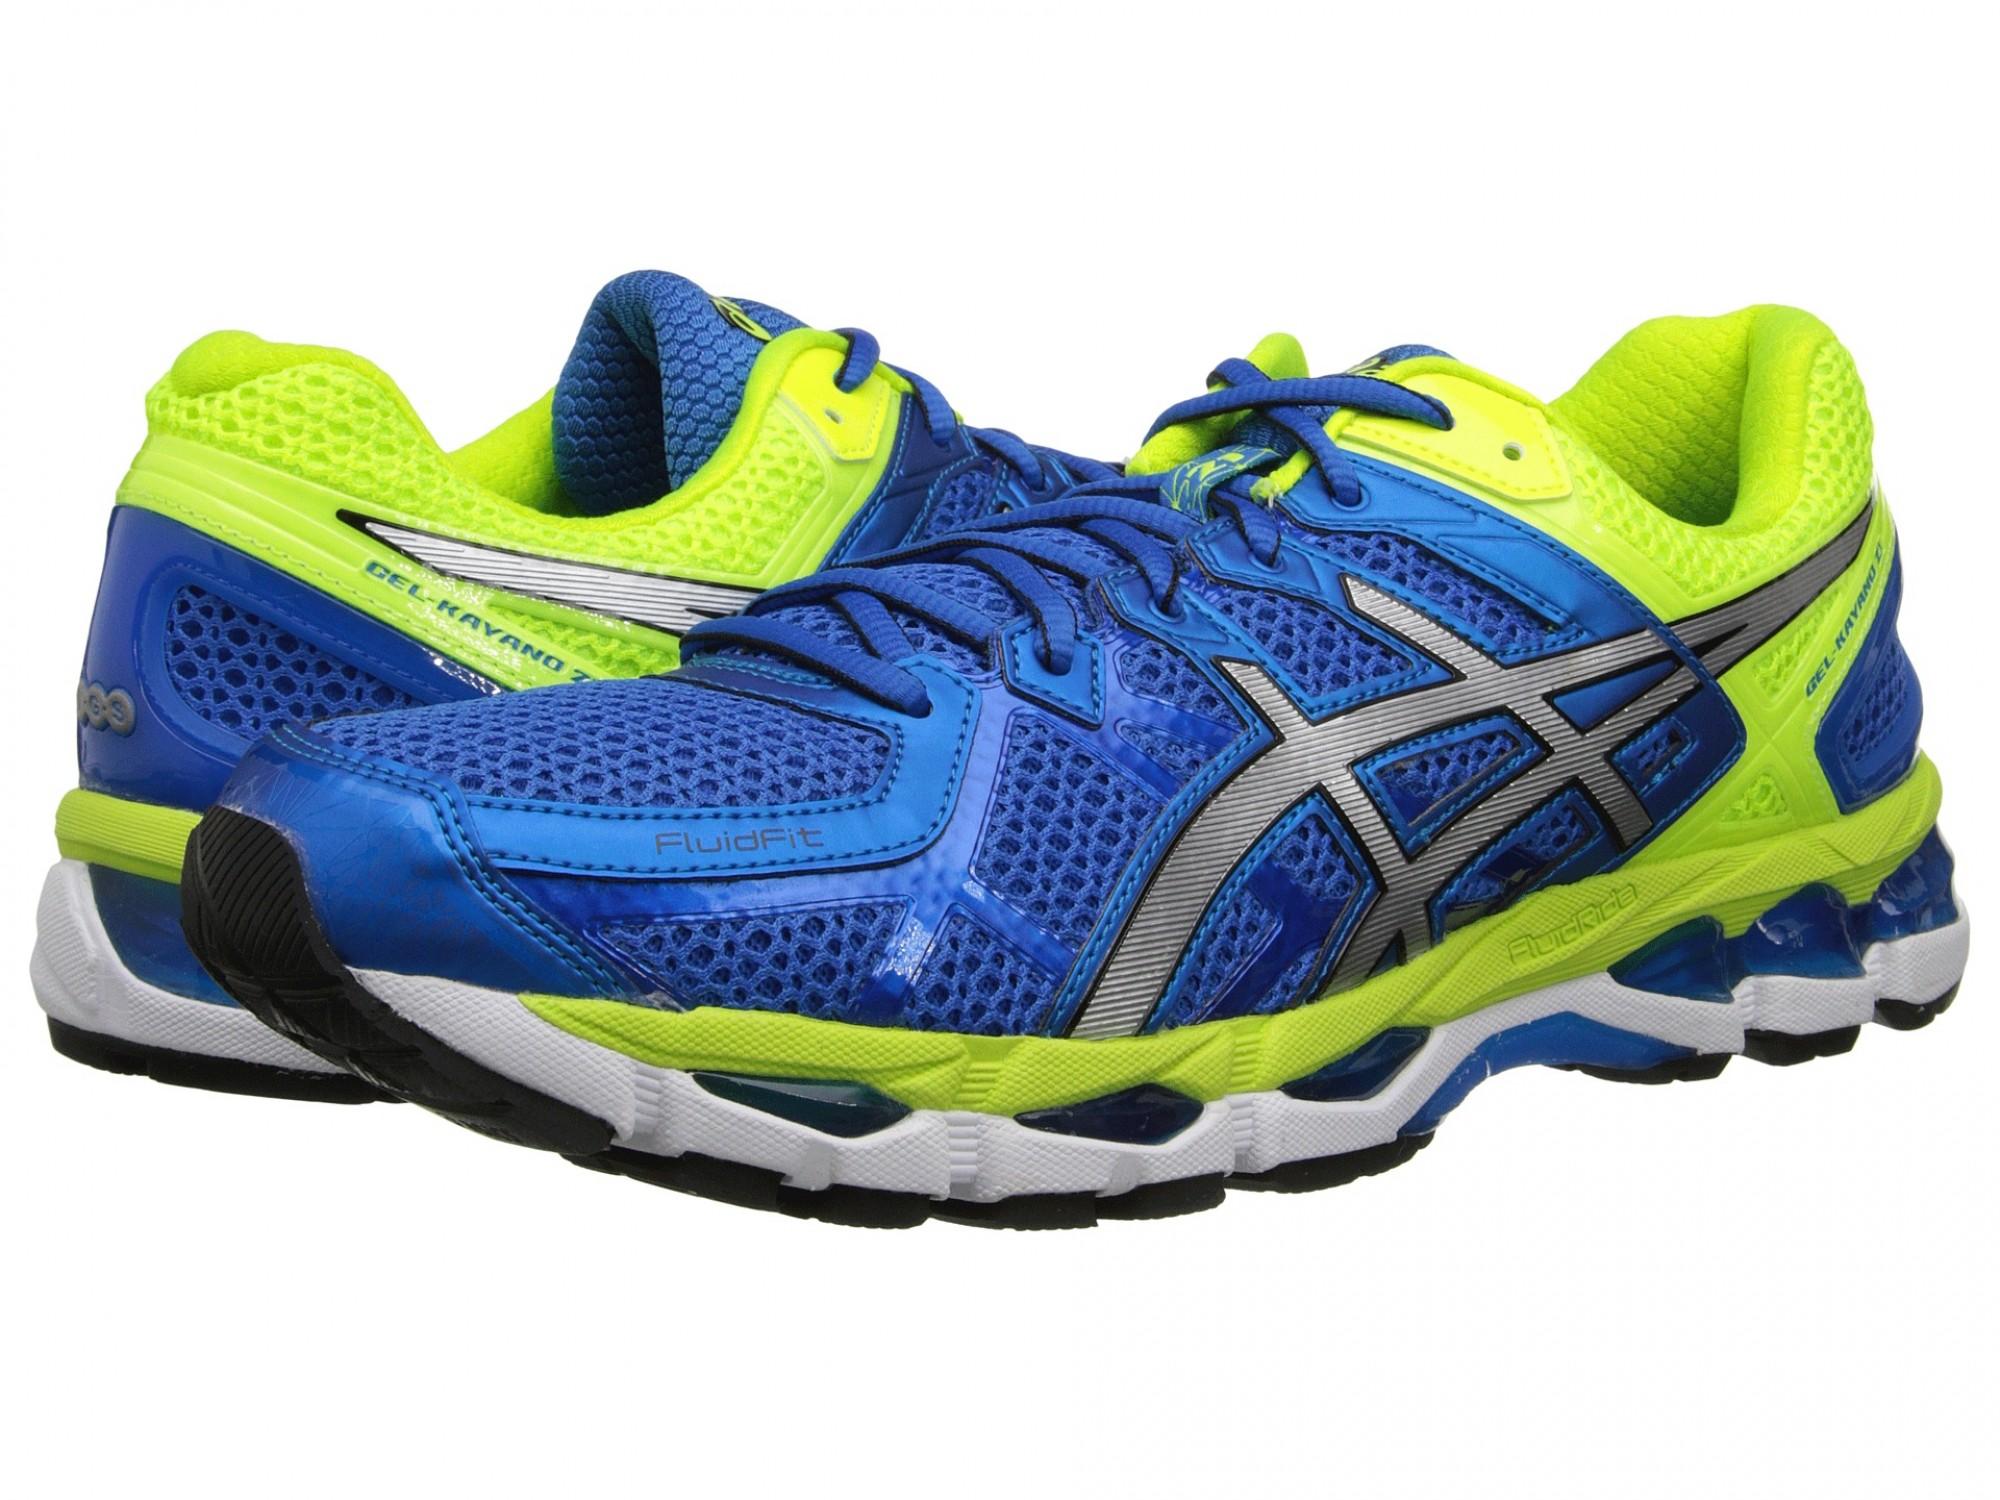 6e8ad49a ASICS GEL-Kayano 21 Беговые кроссовки купить в Украине, цена, отзывы ...